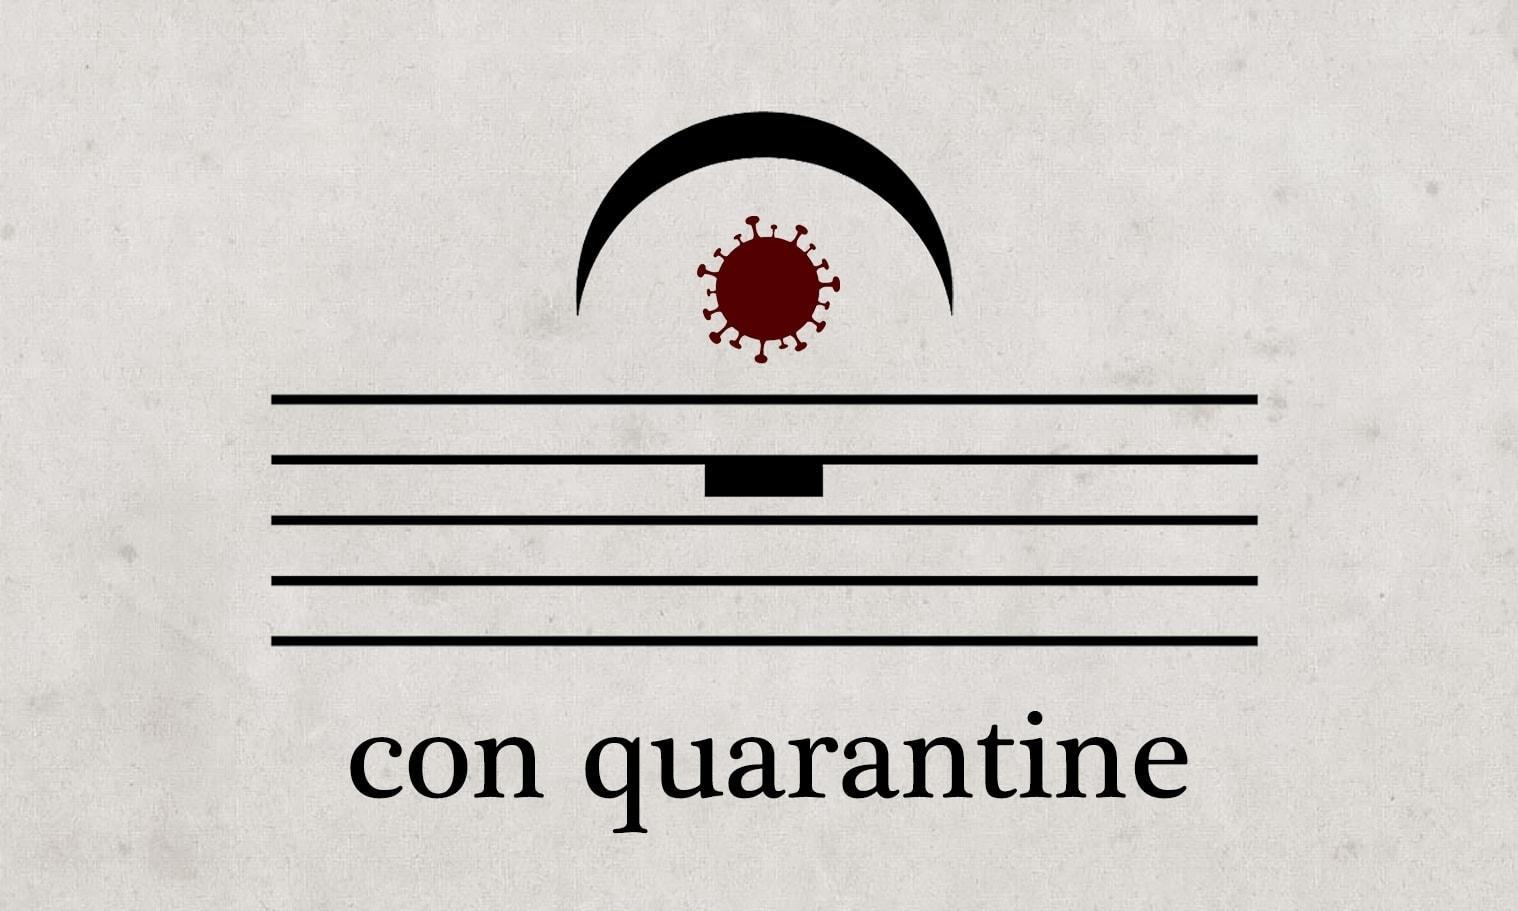 Con quarantine